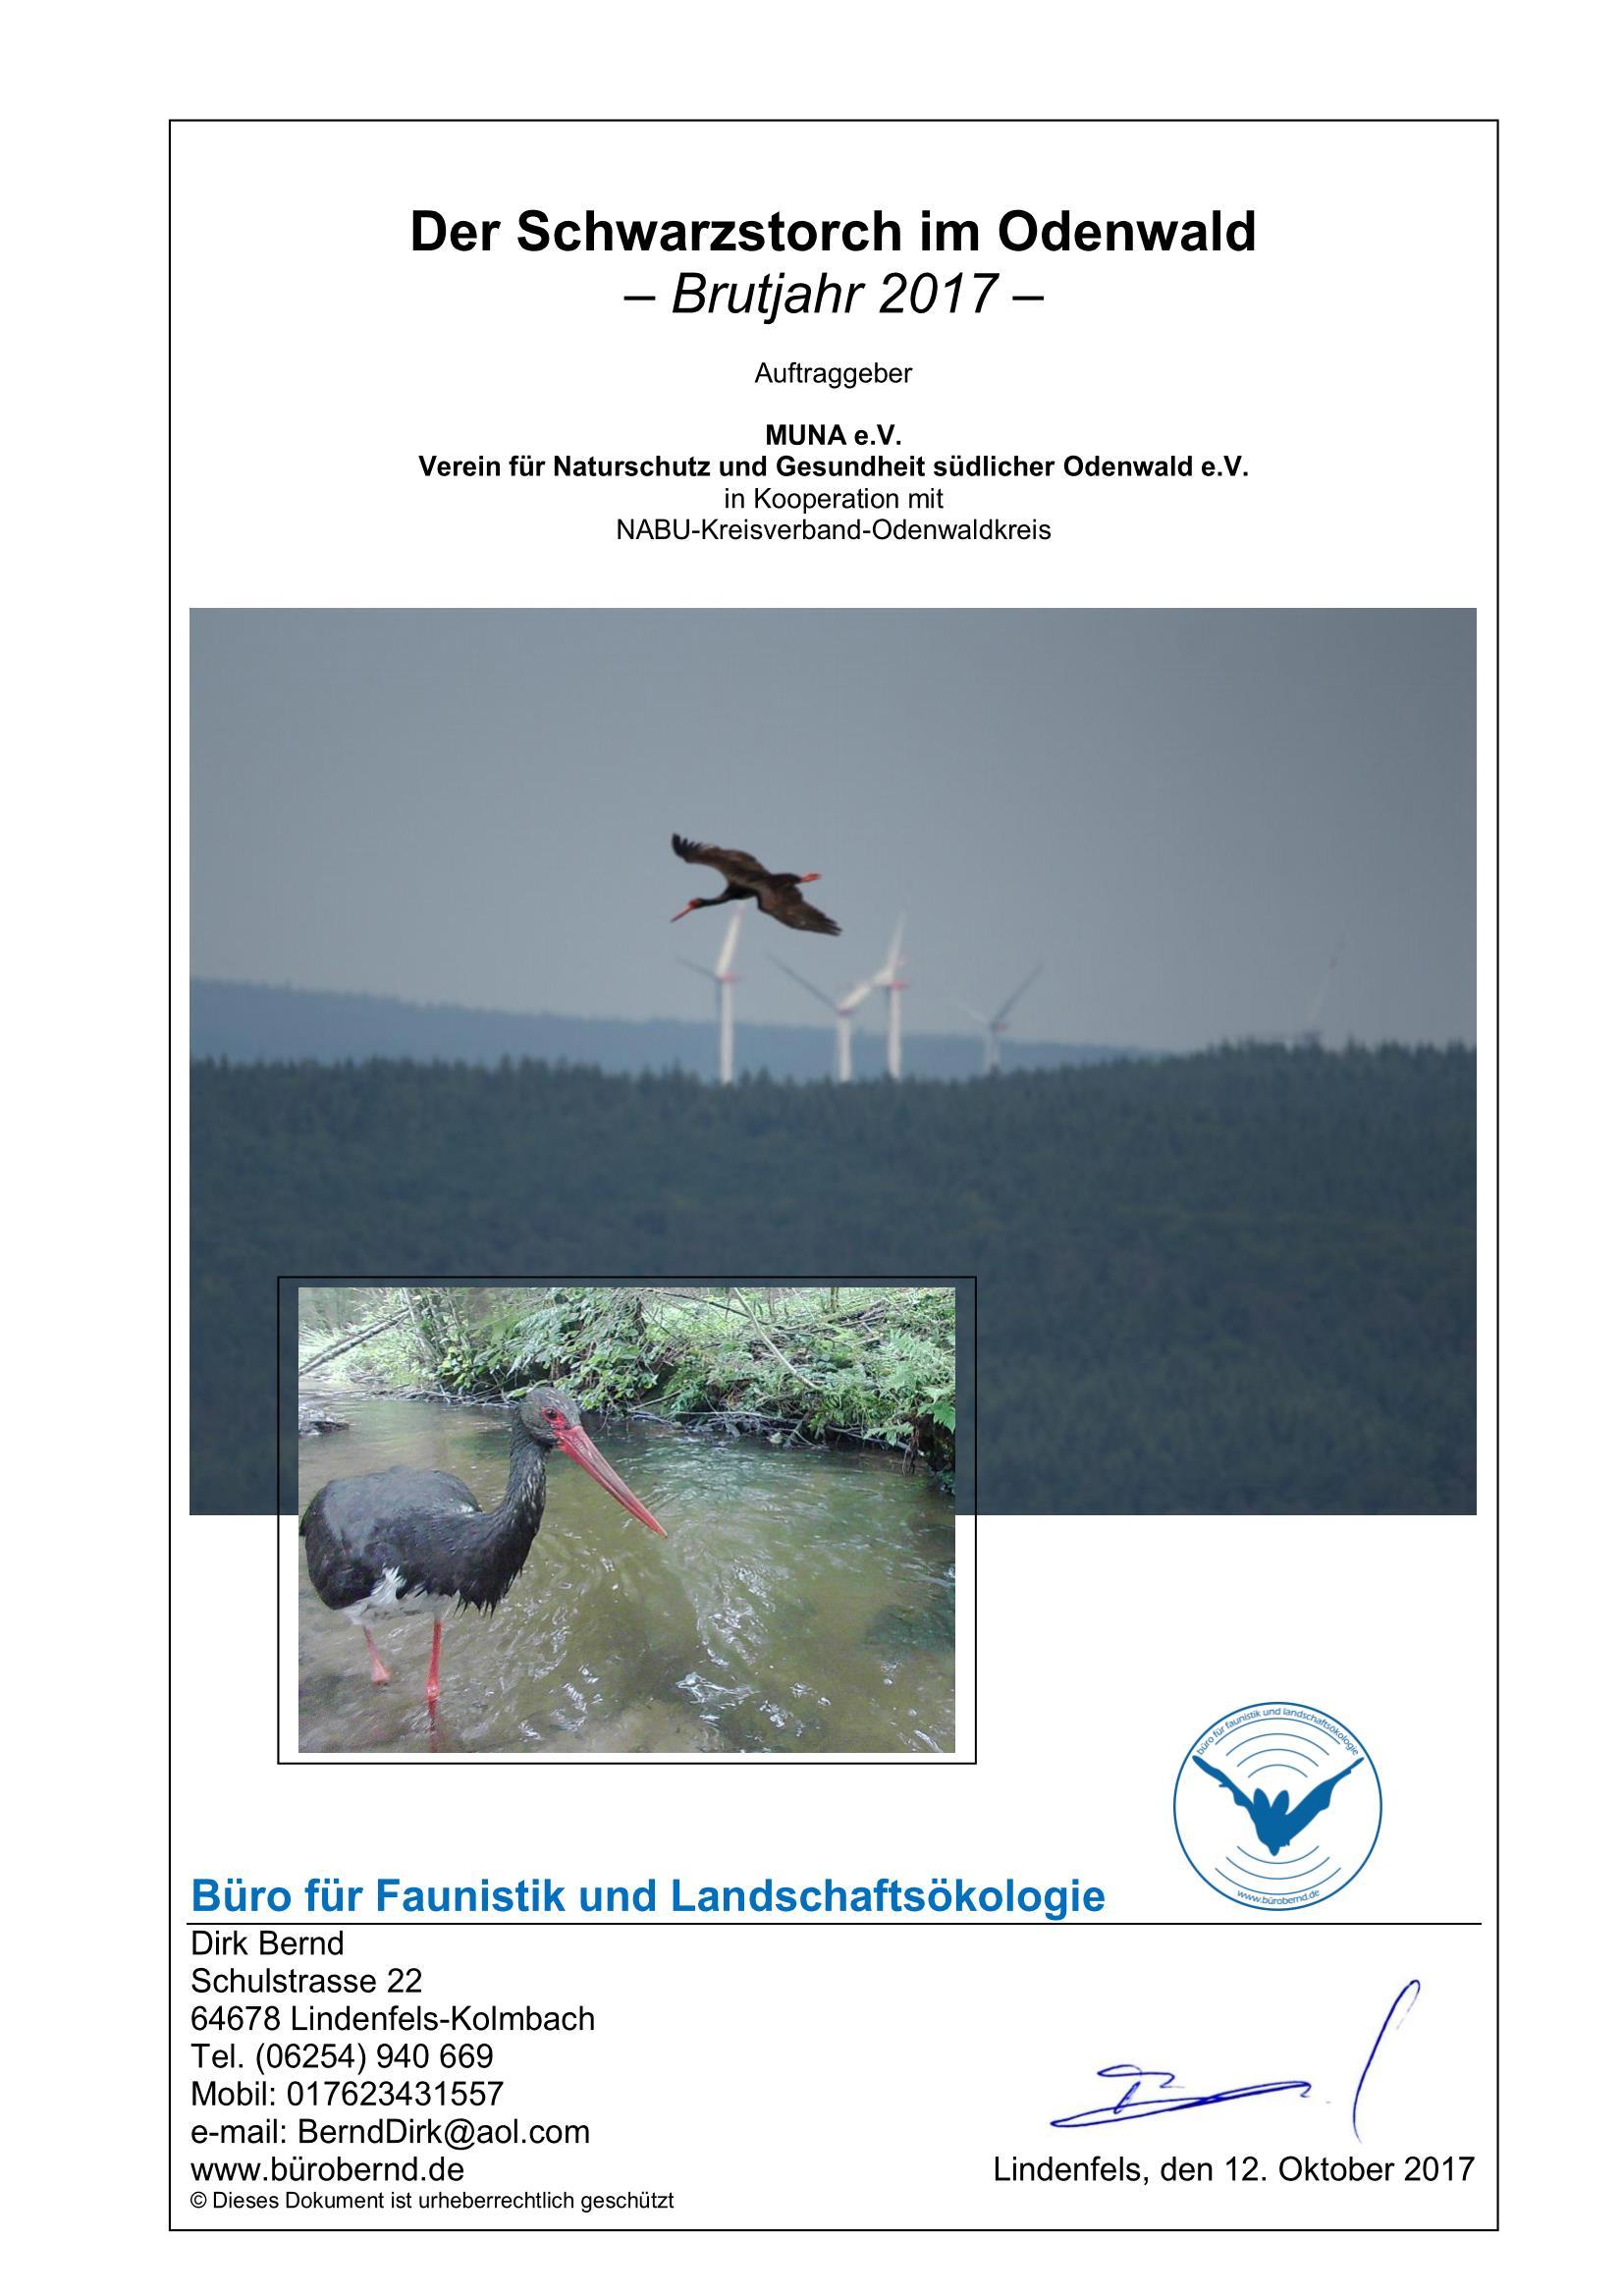 Gefährdung geschützter Tierarten wie Rotmilan, Uhu, Wespenbussard, Schwarzstorch u.v.a. sowie diverser Fledermausarten